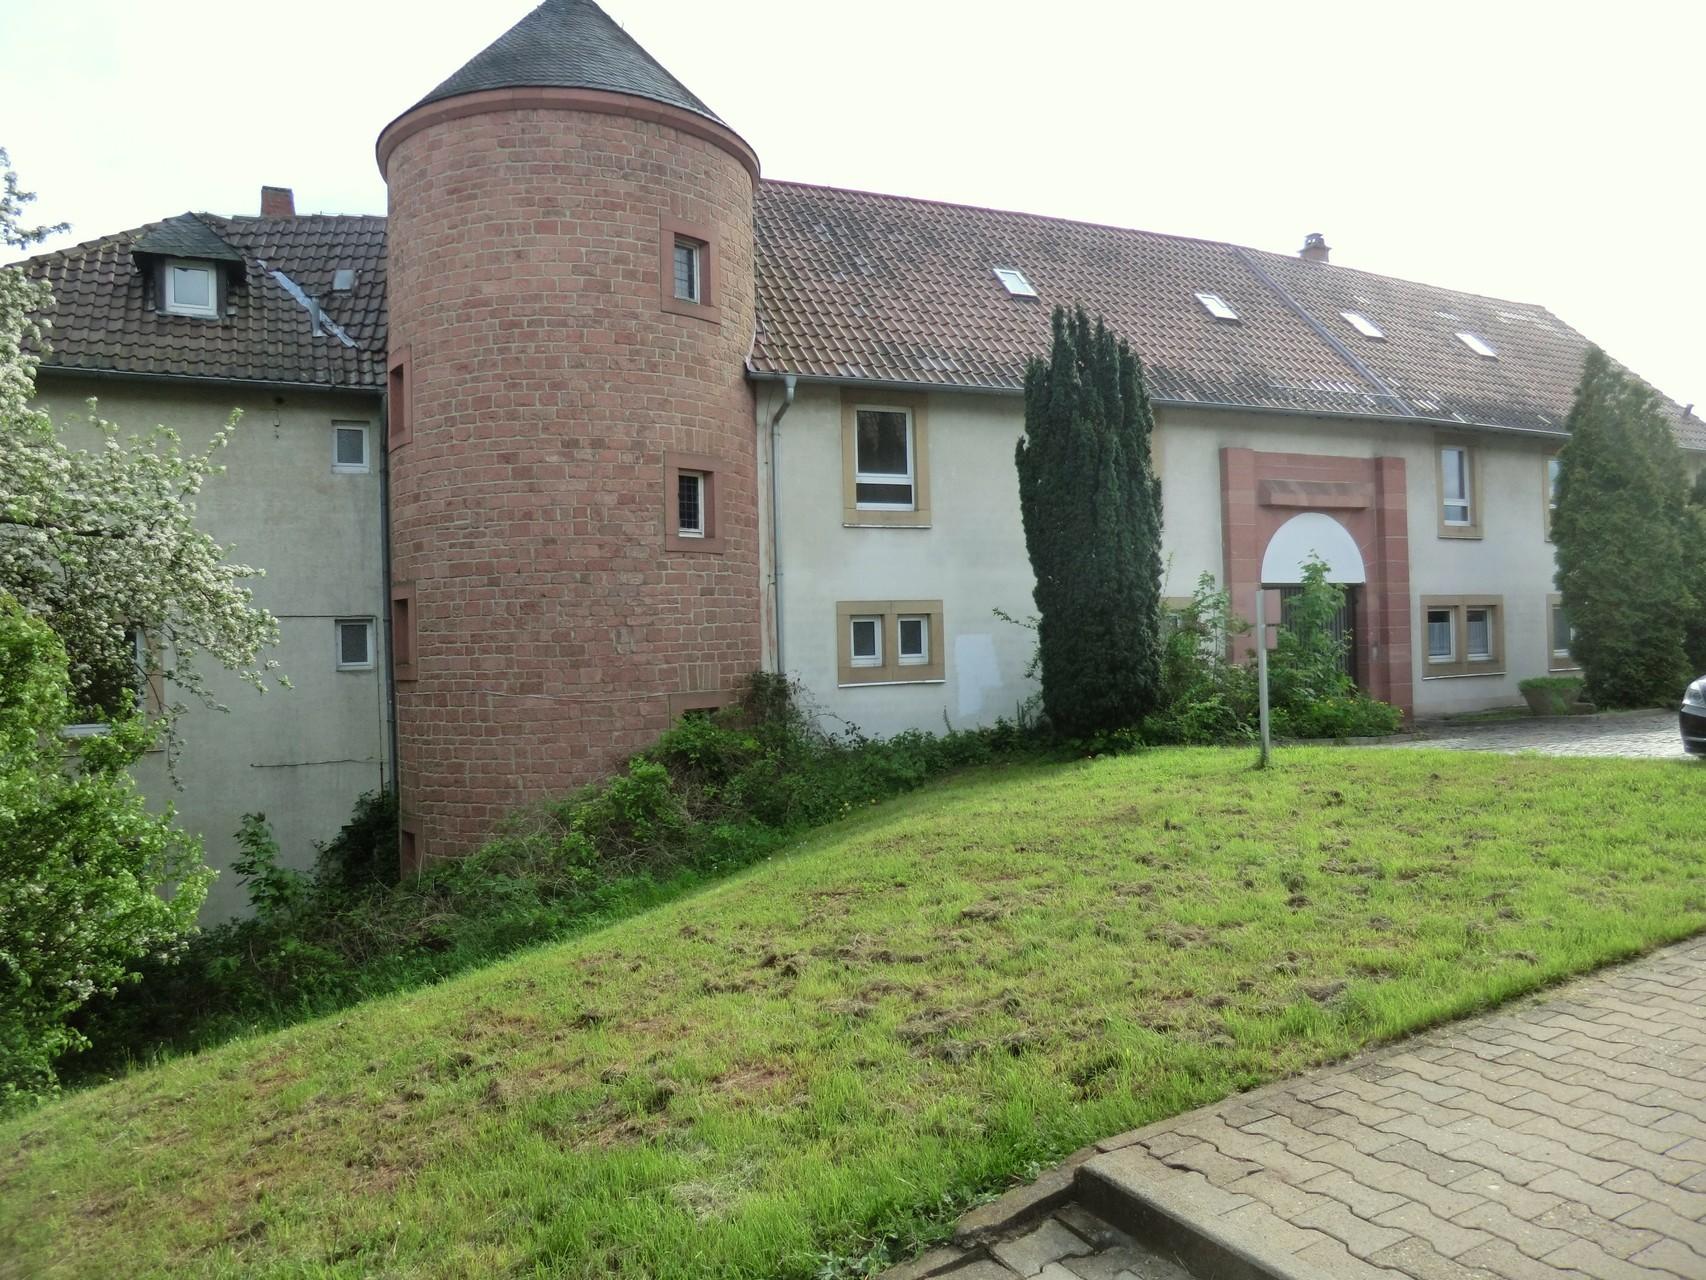 Burghof Stauf von vorne